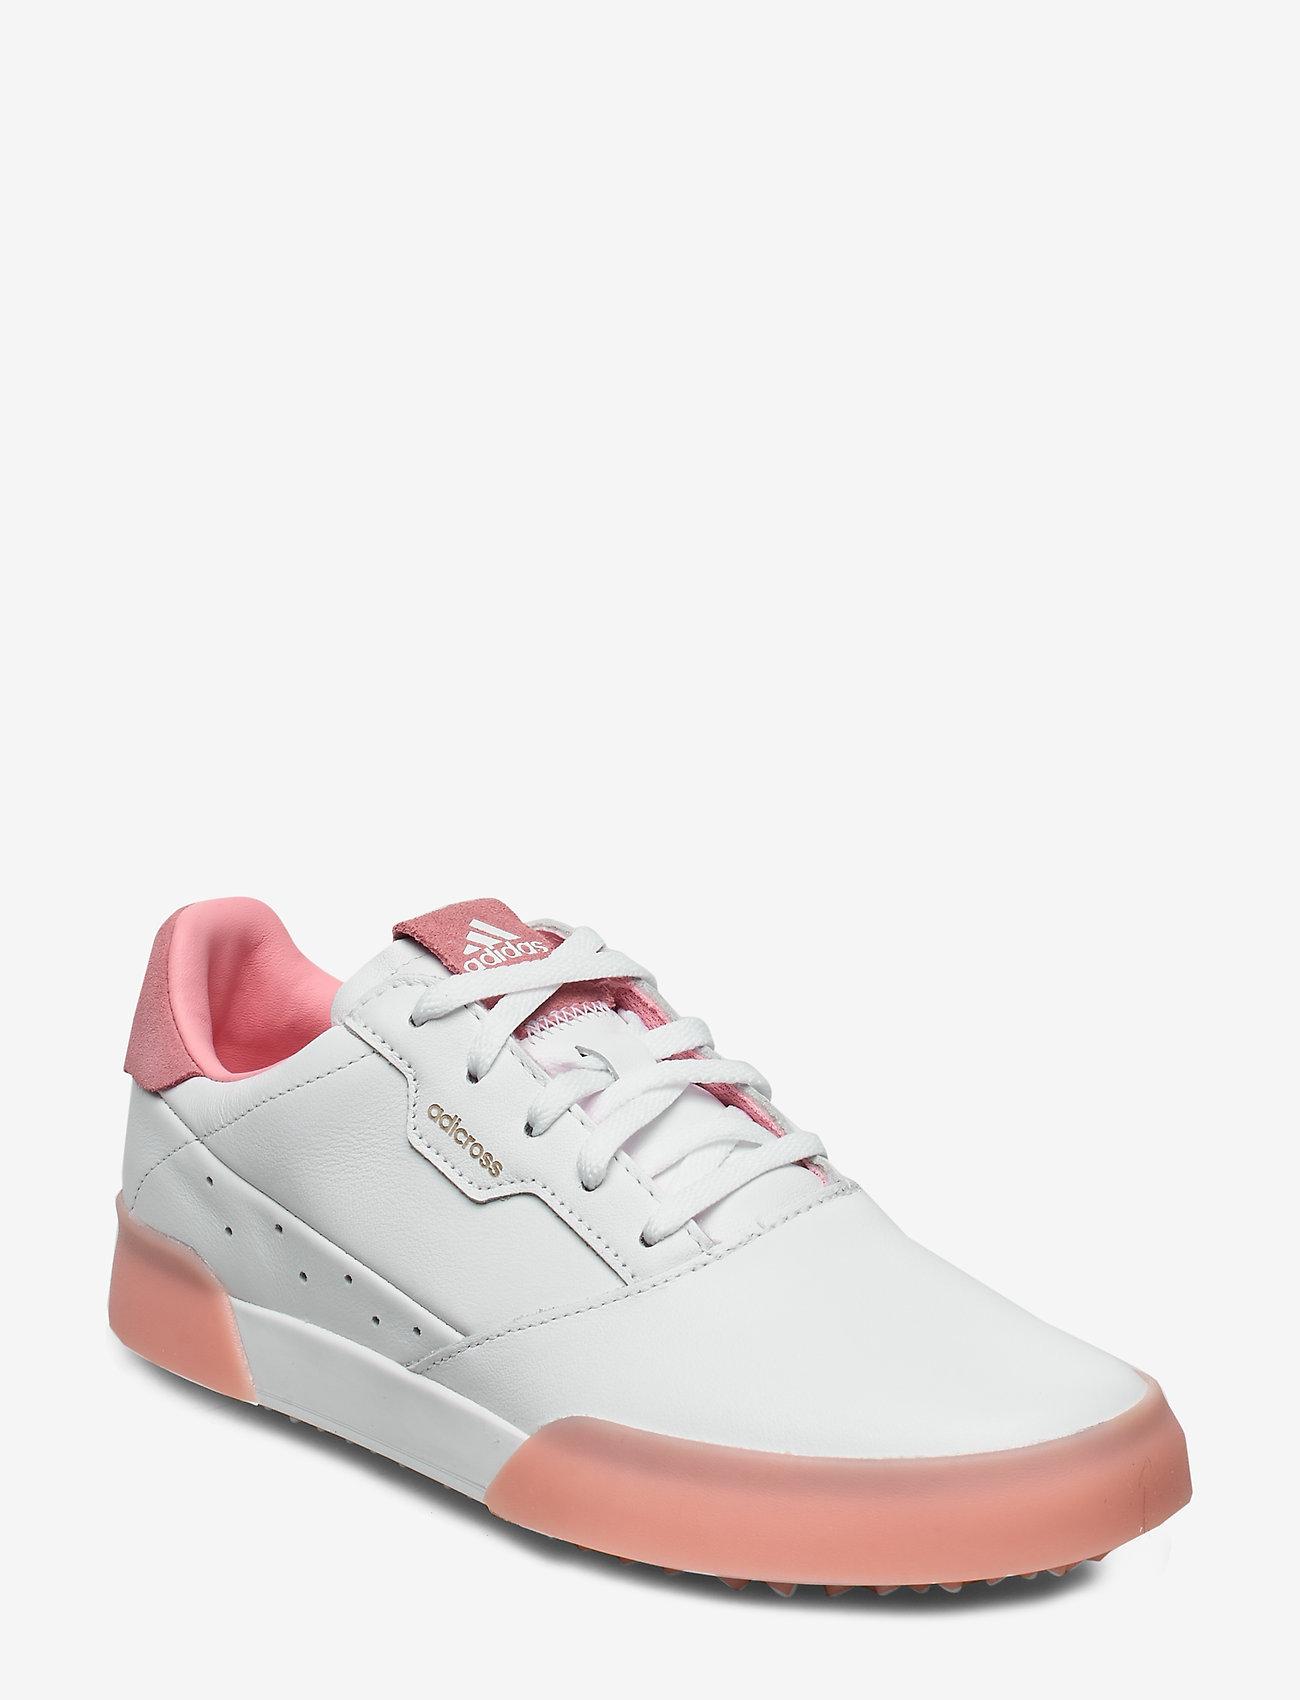 adidas Golf - W ADICROSS RETRO - golf shoes - ftwwht/glopnk/ftwwht - 0